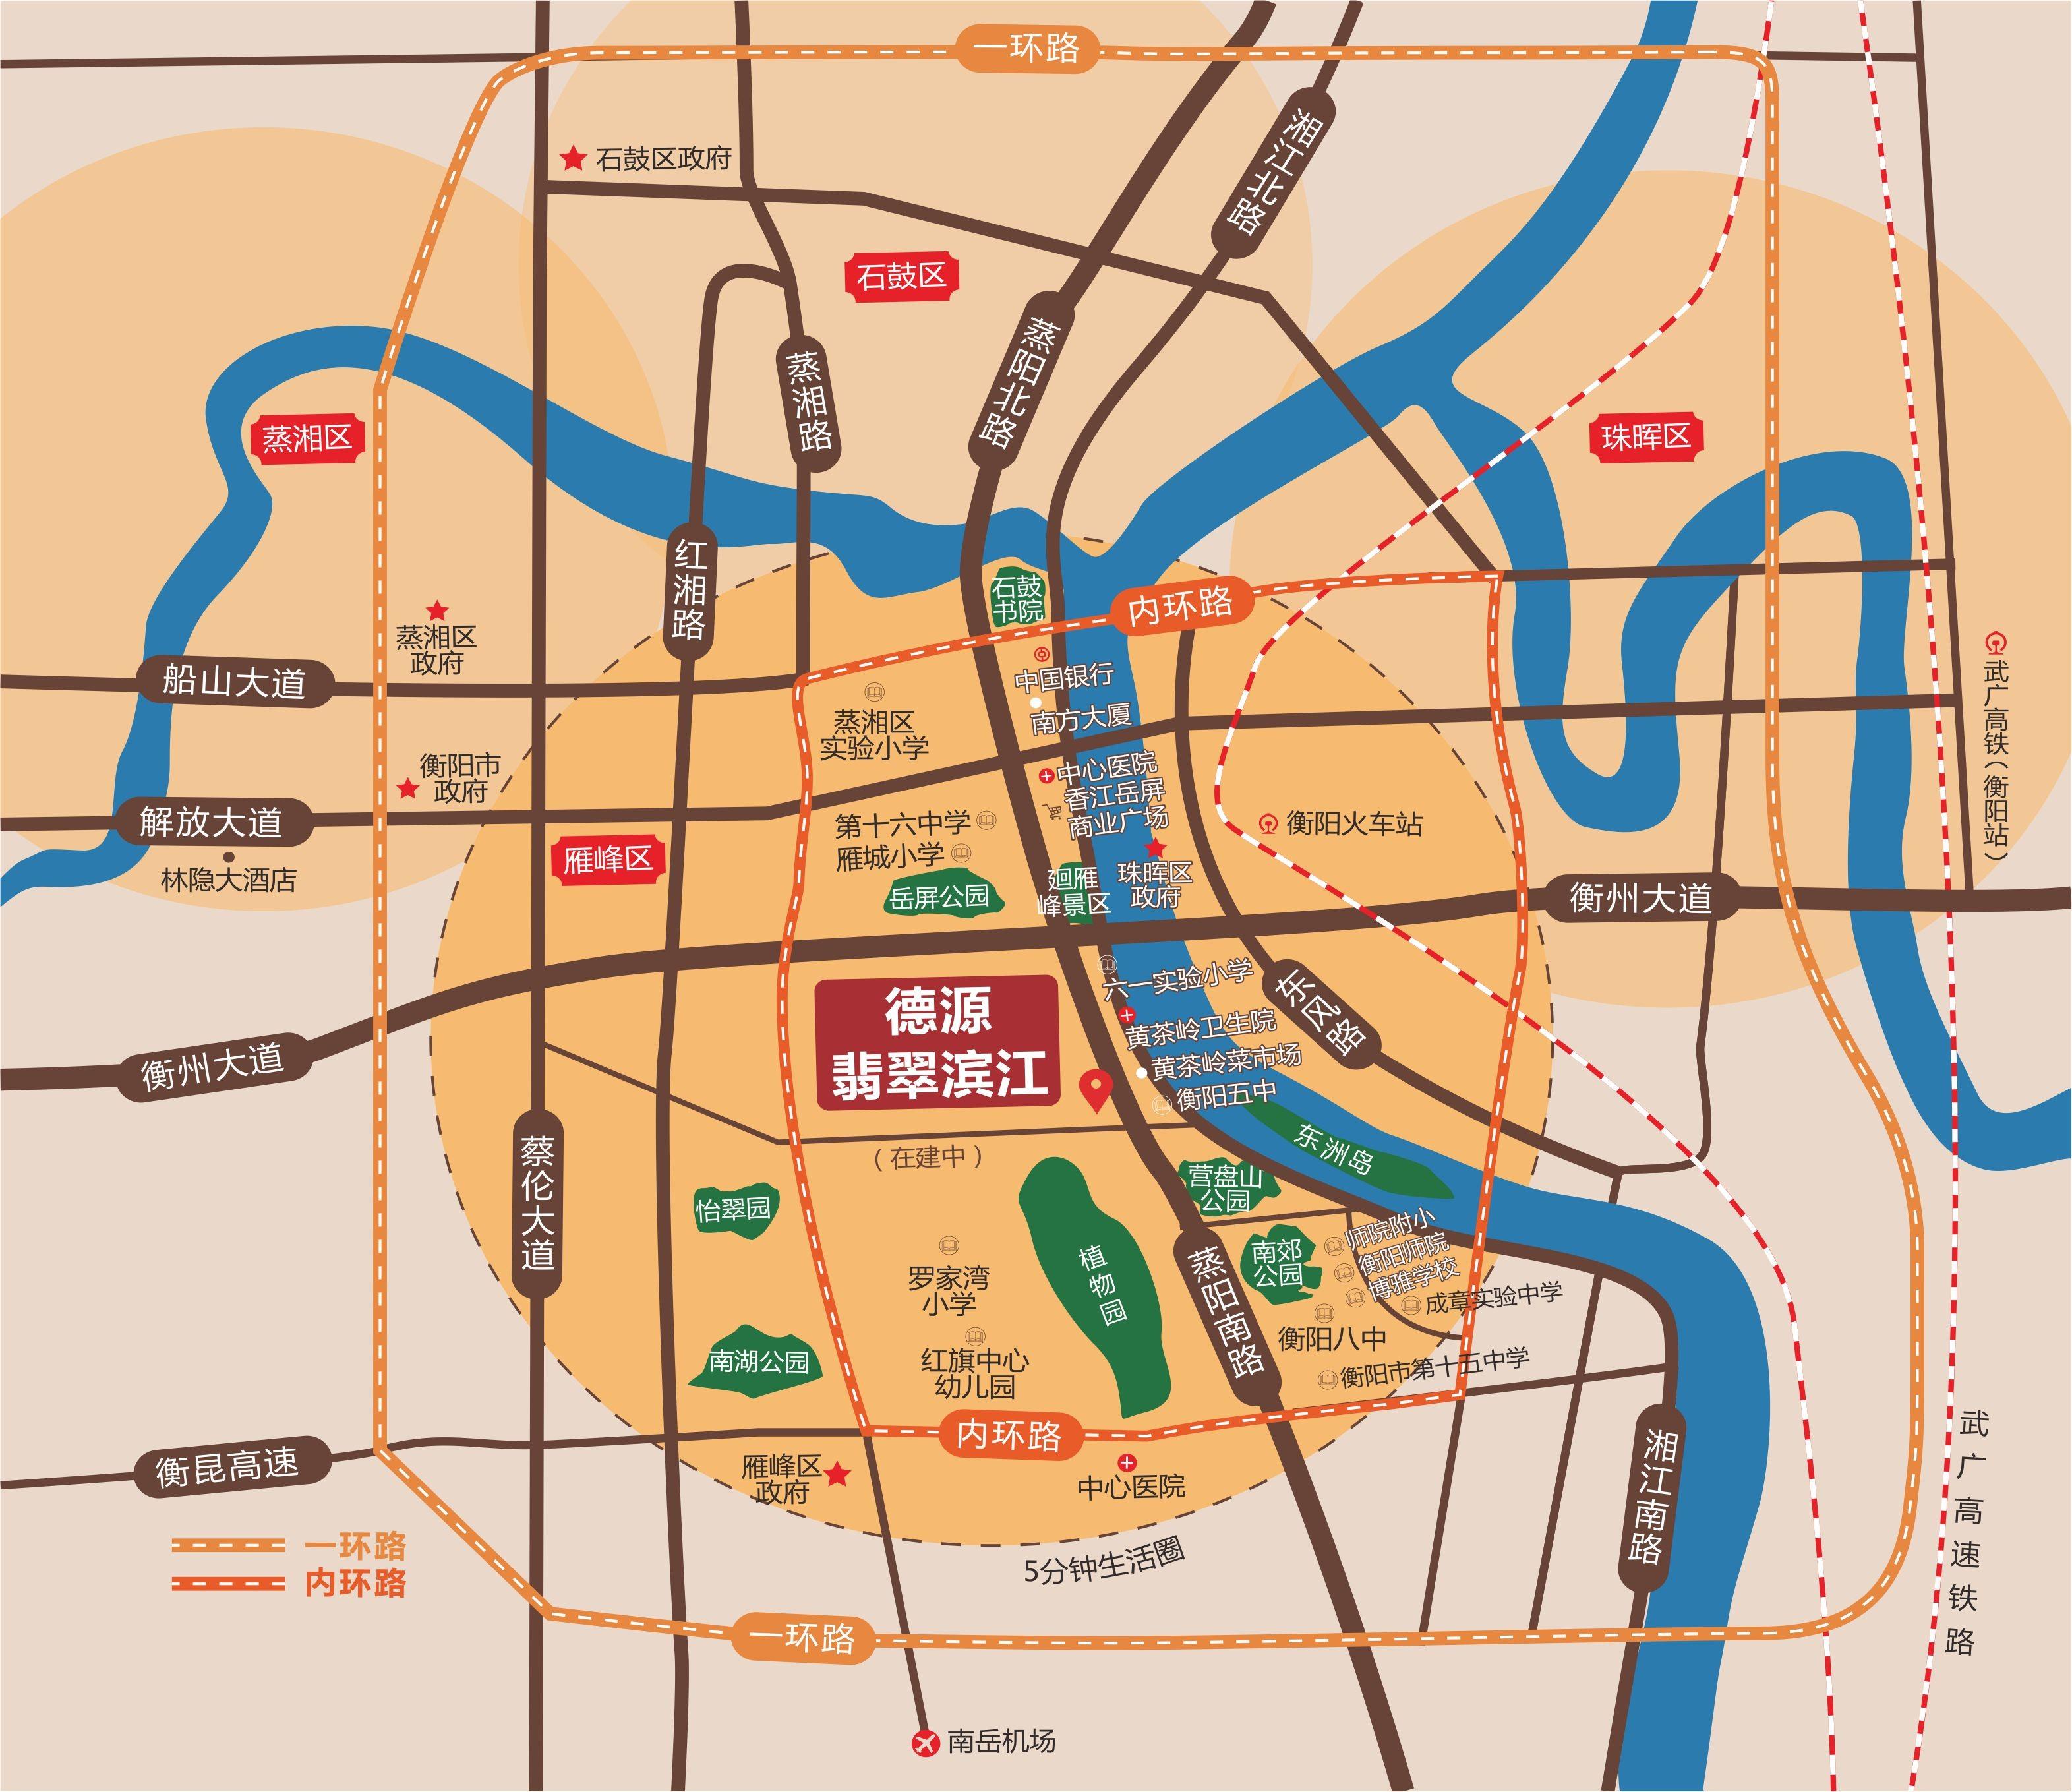 德源·翡翠滨江位置图